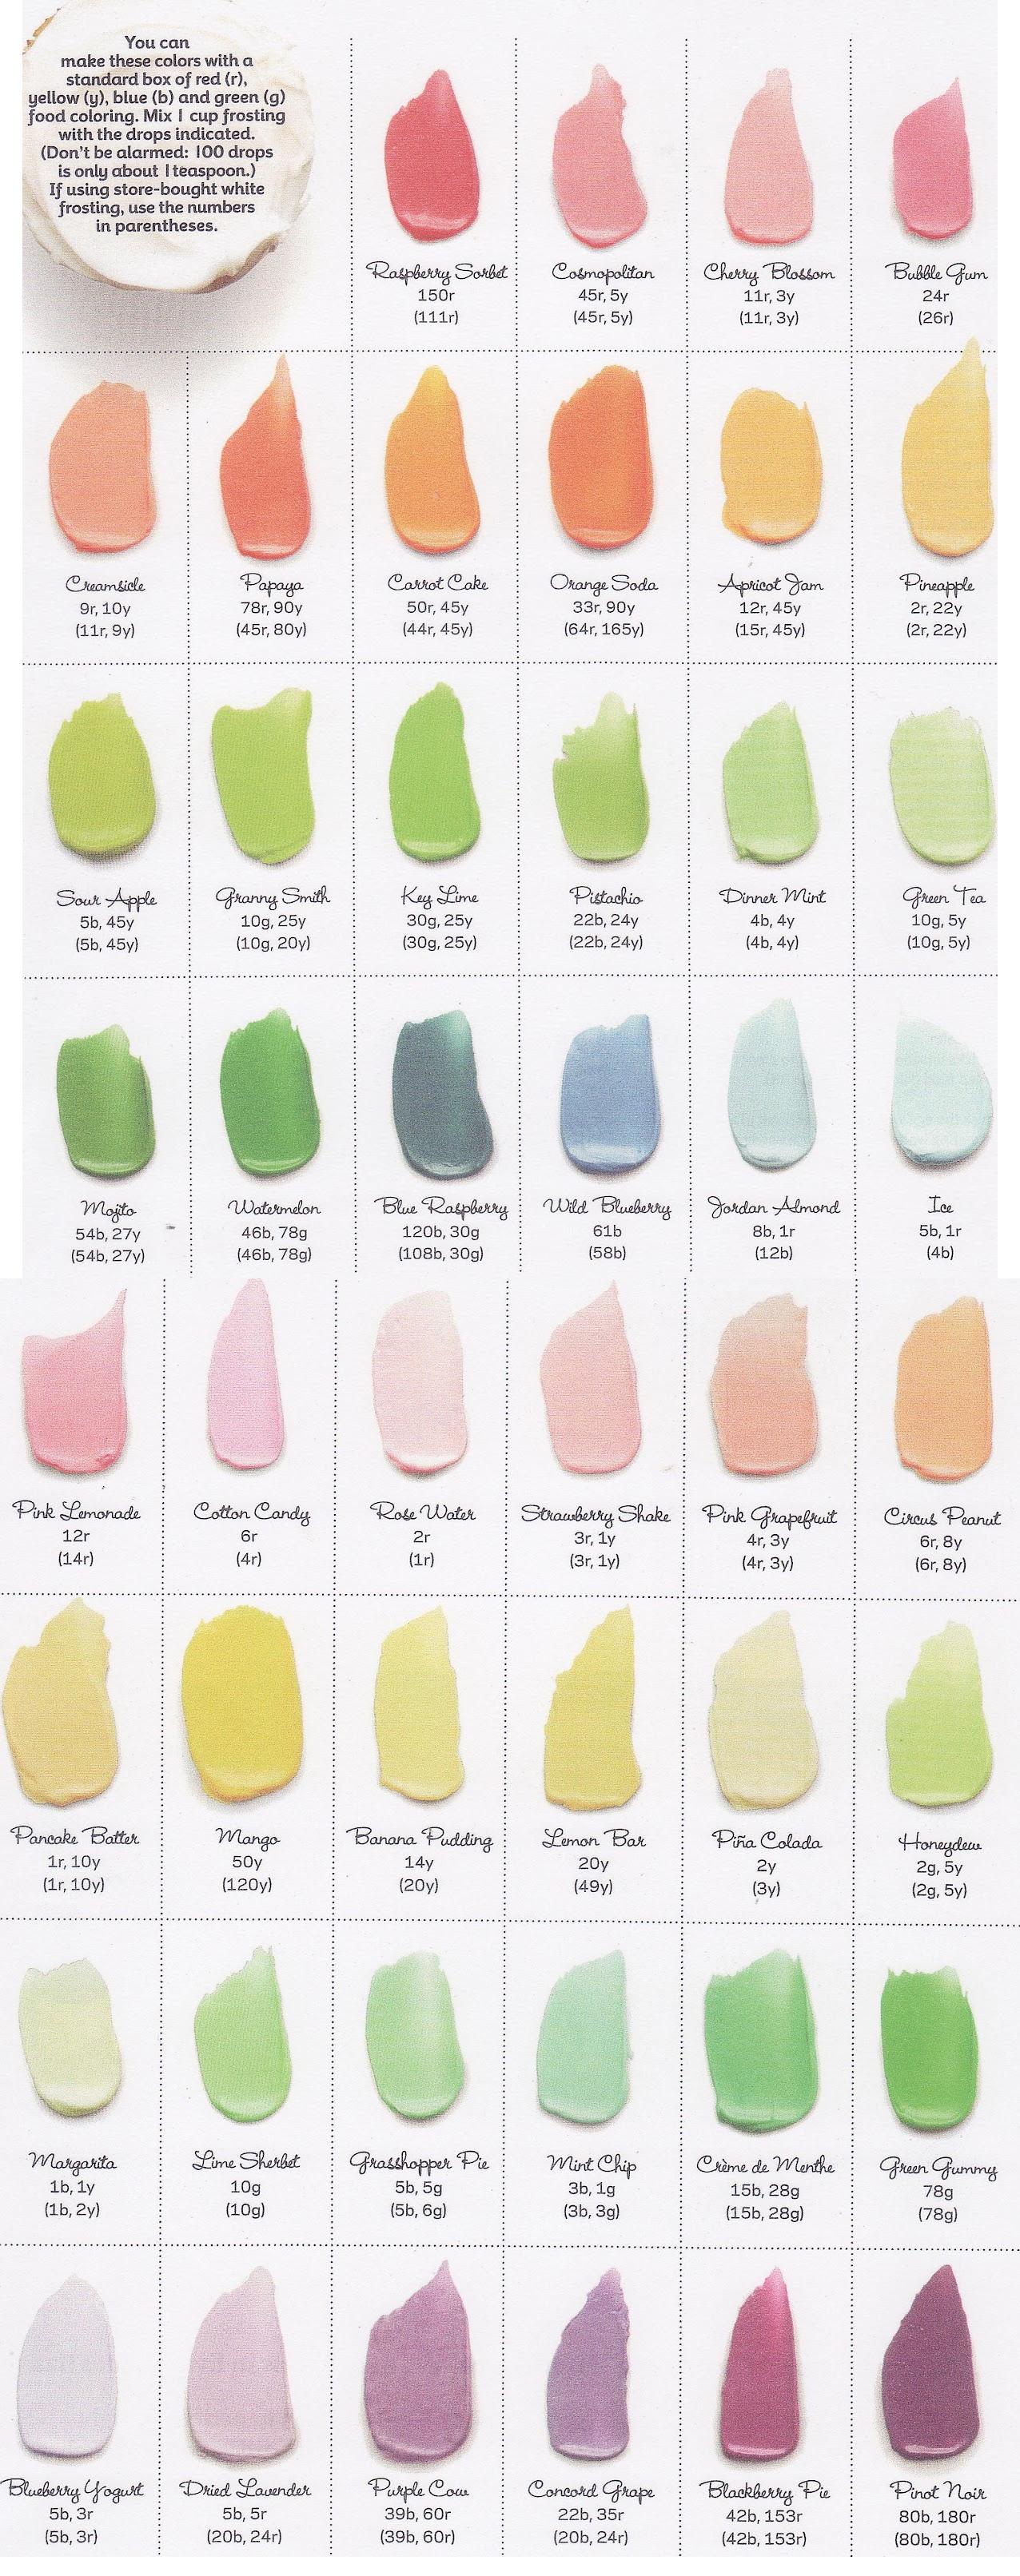 hvordan blander man grå farve